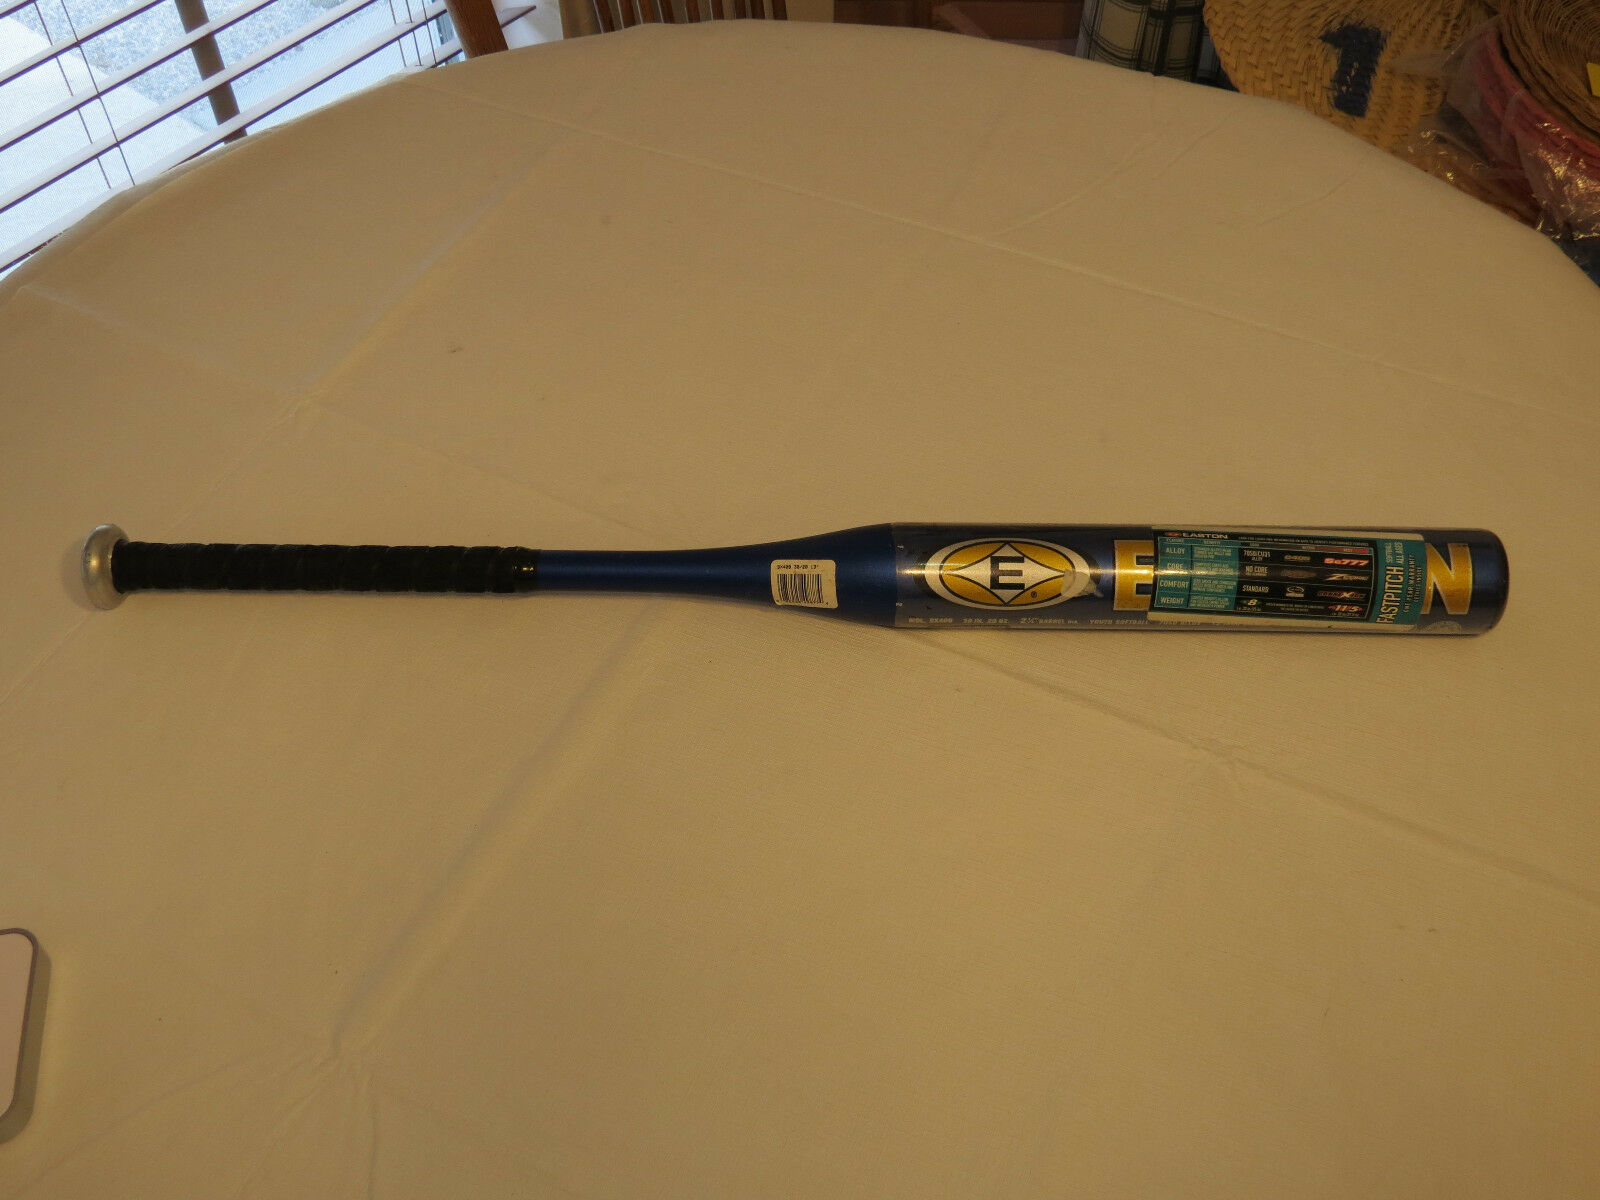 Easton Fastpitch-10 youth softball bat SX40B 30  20 oz 2 1 4  barrel Reflex Ext